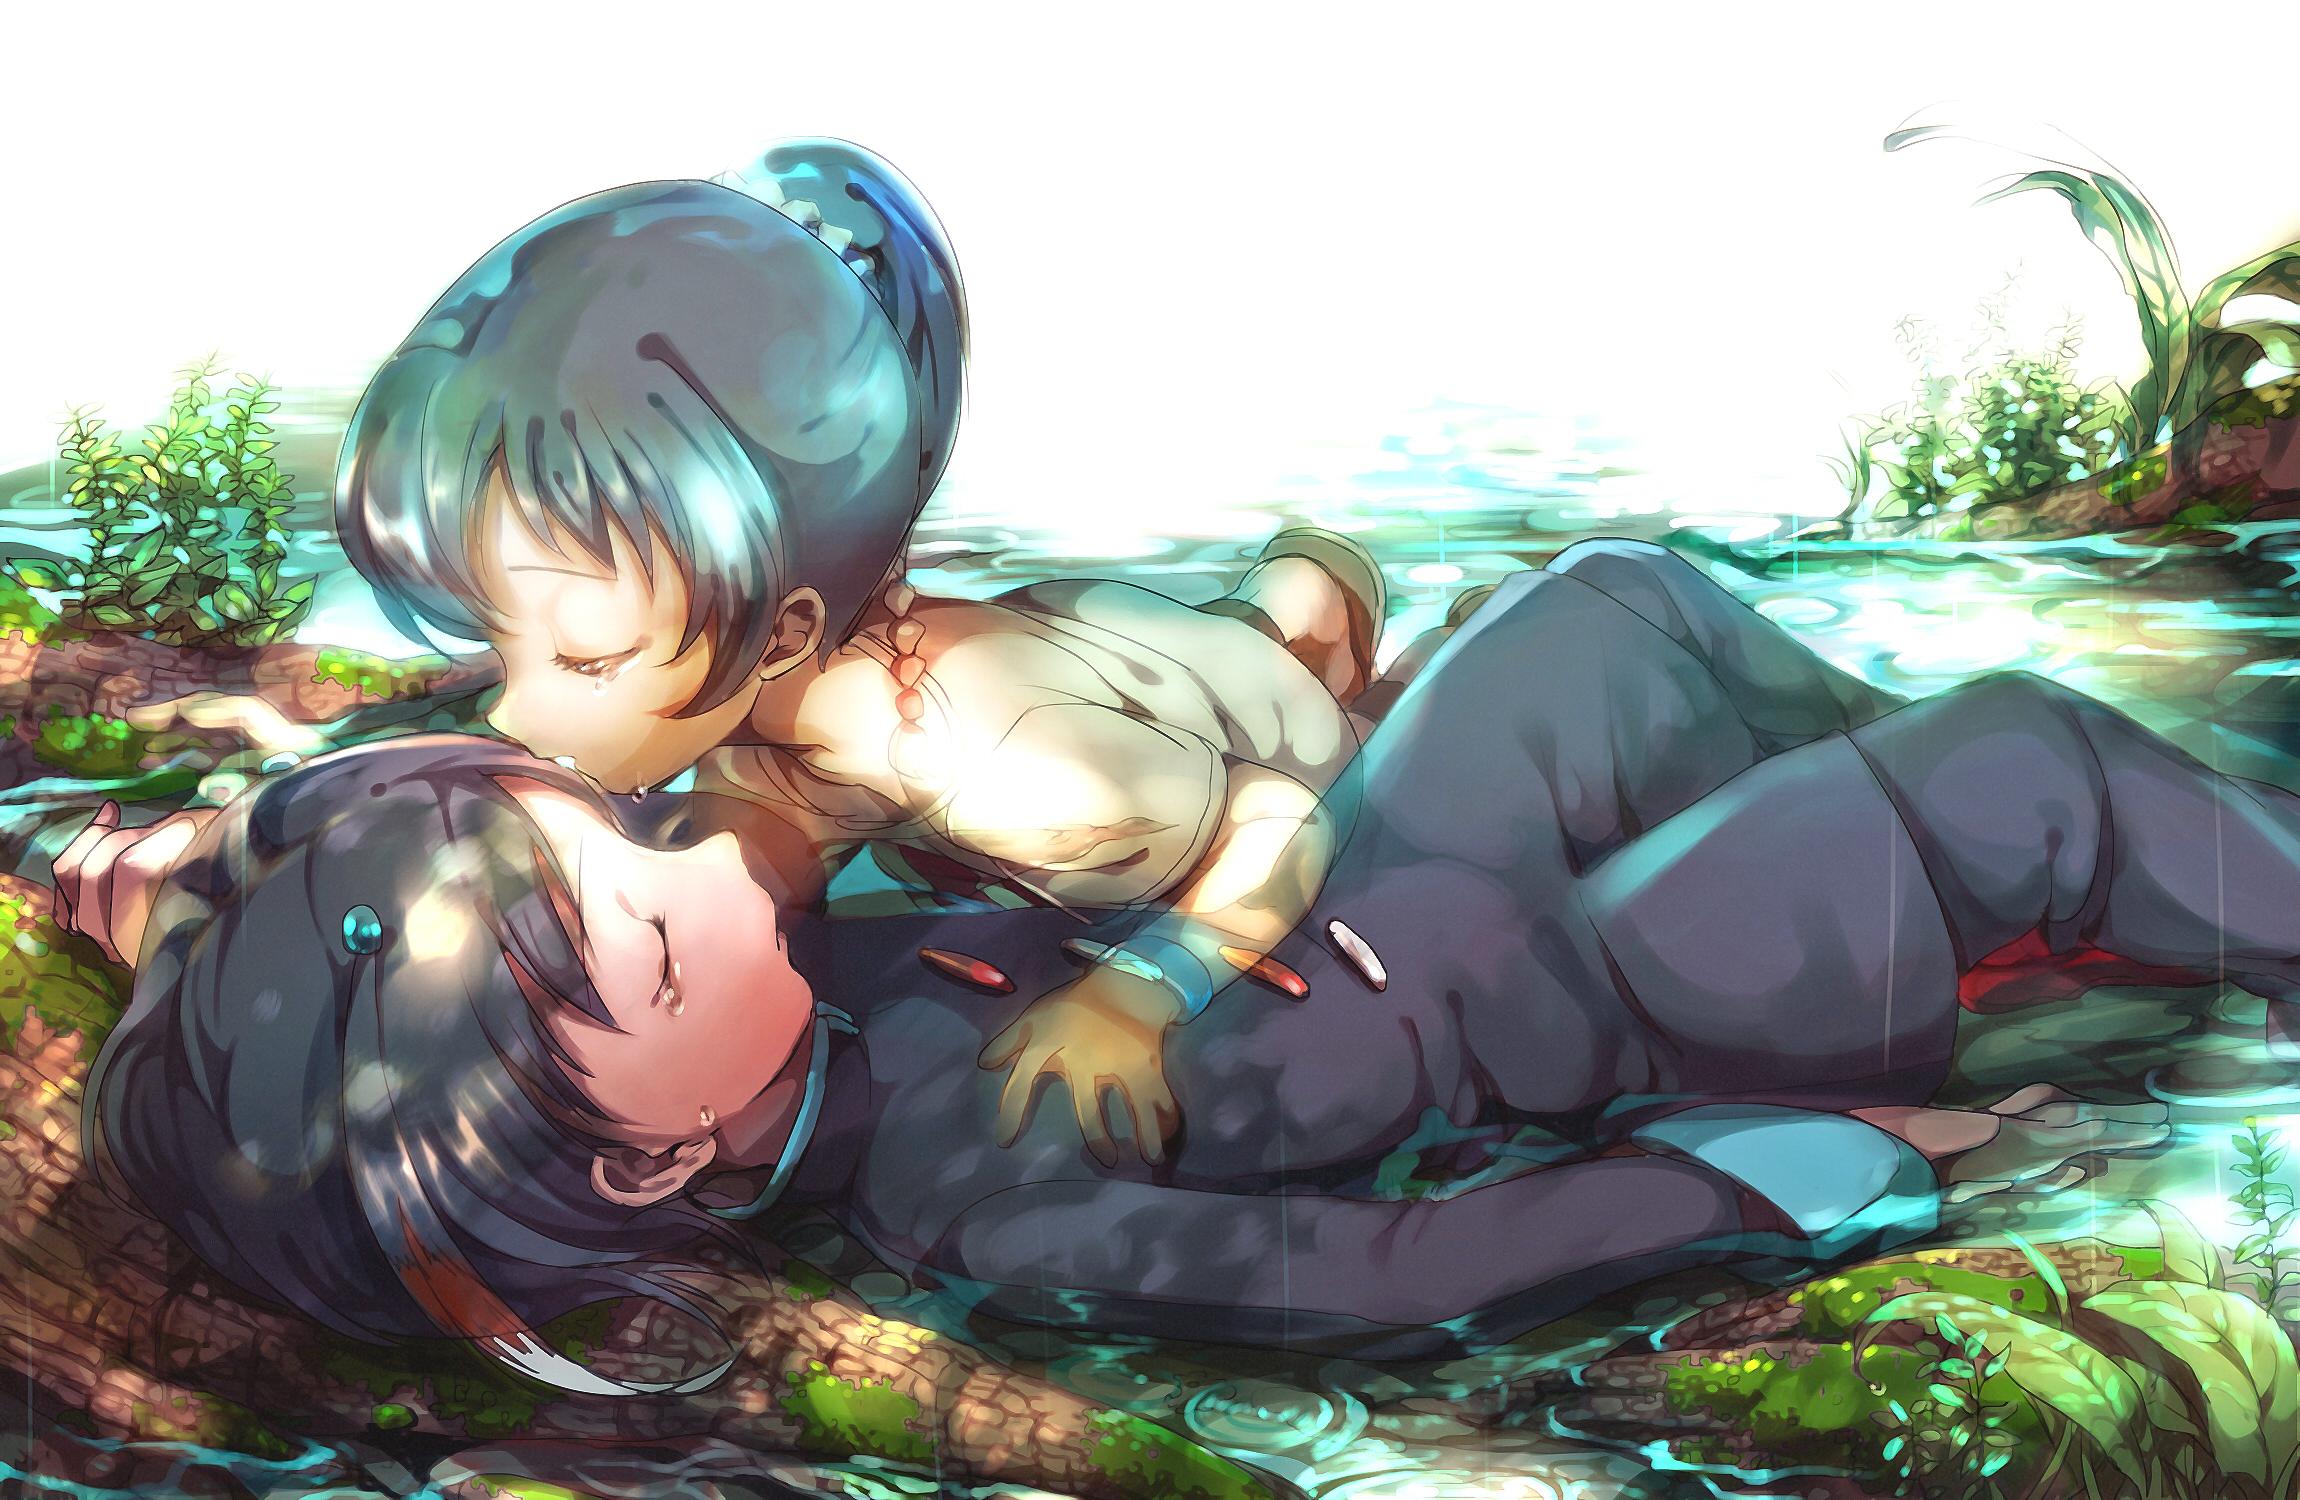 Inazuma Eleven HD Wallpaper